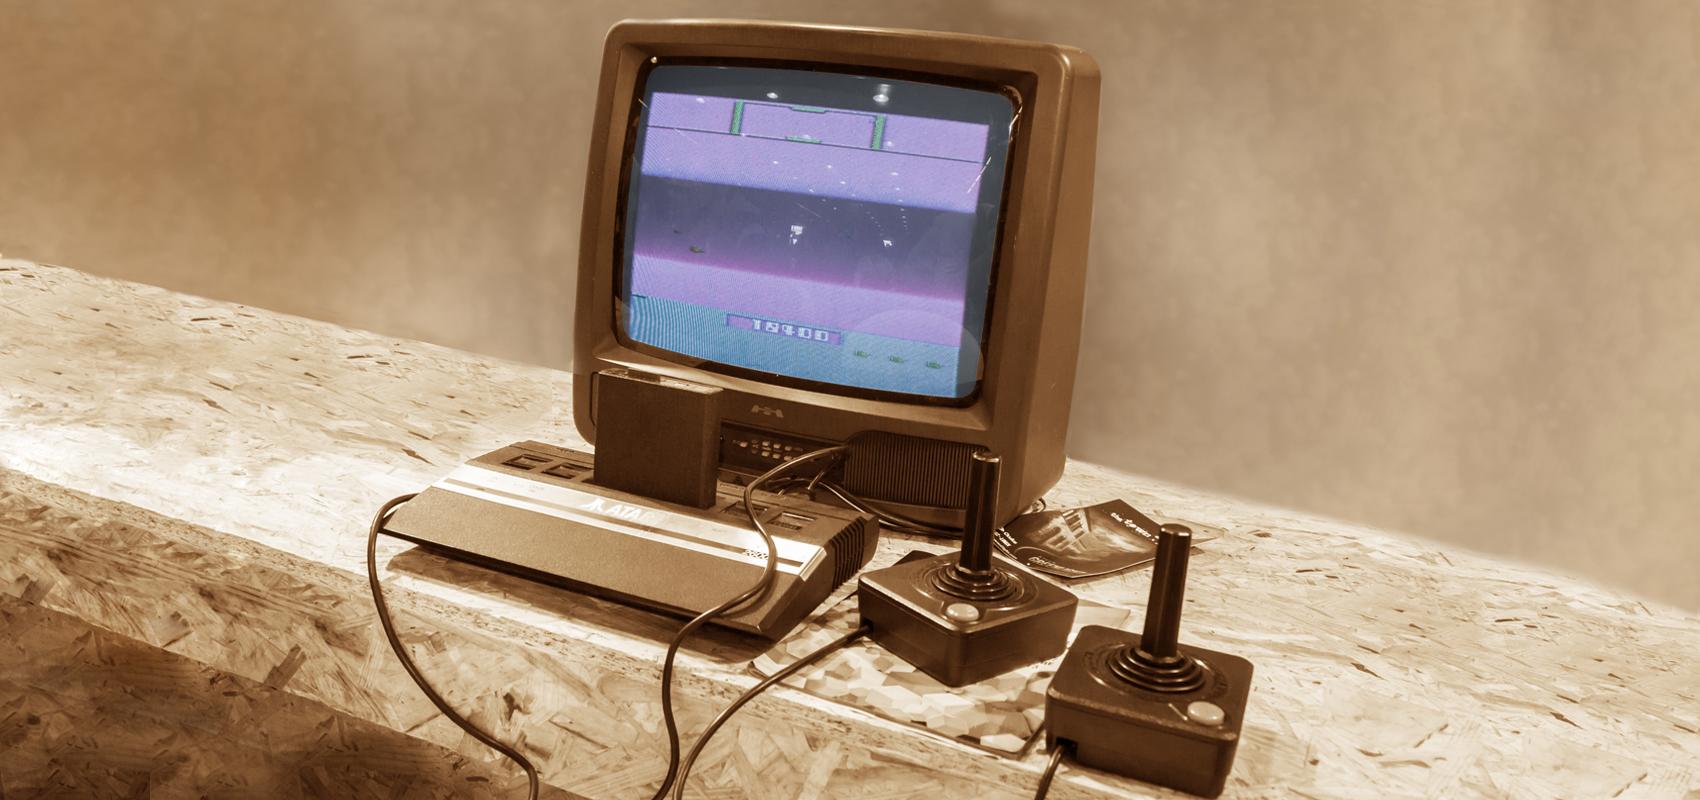 Atari 001